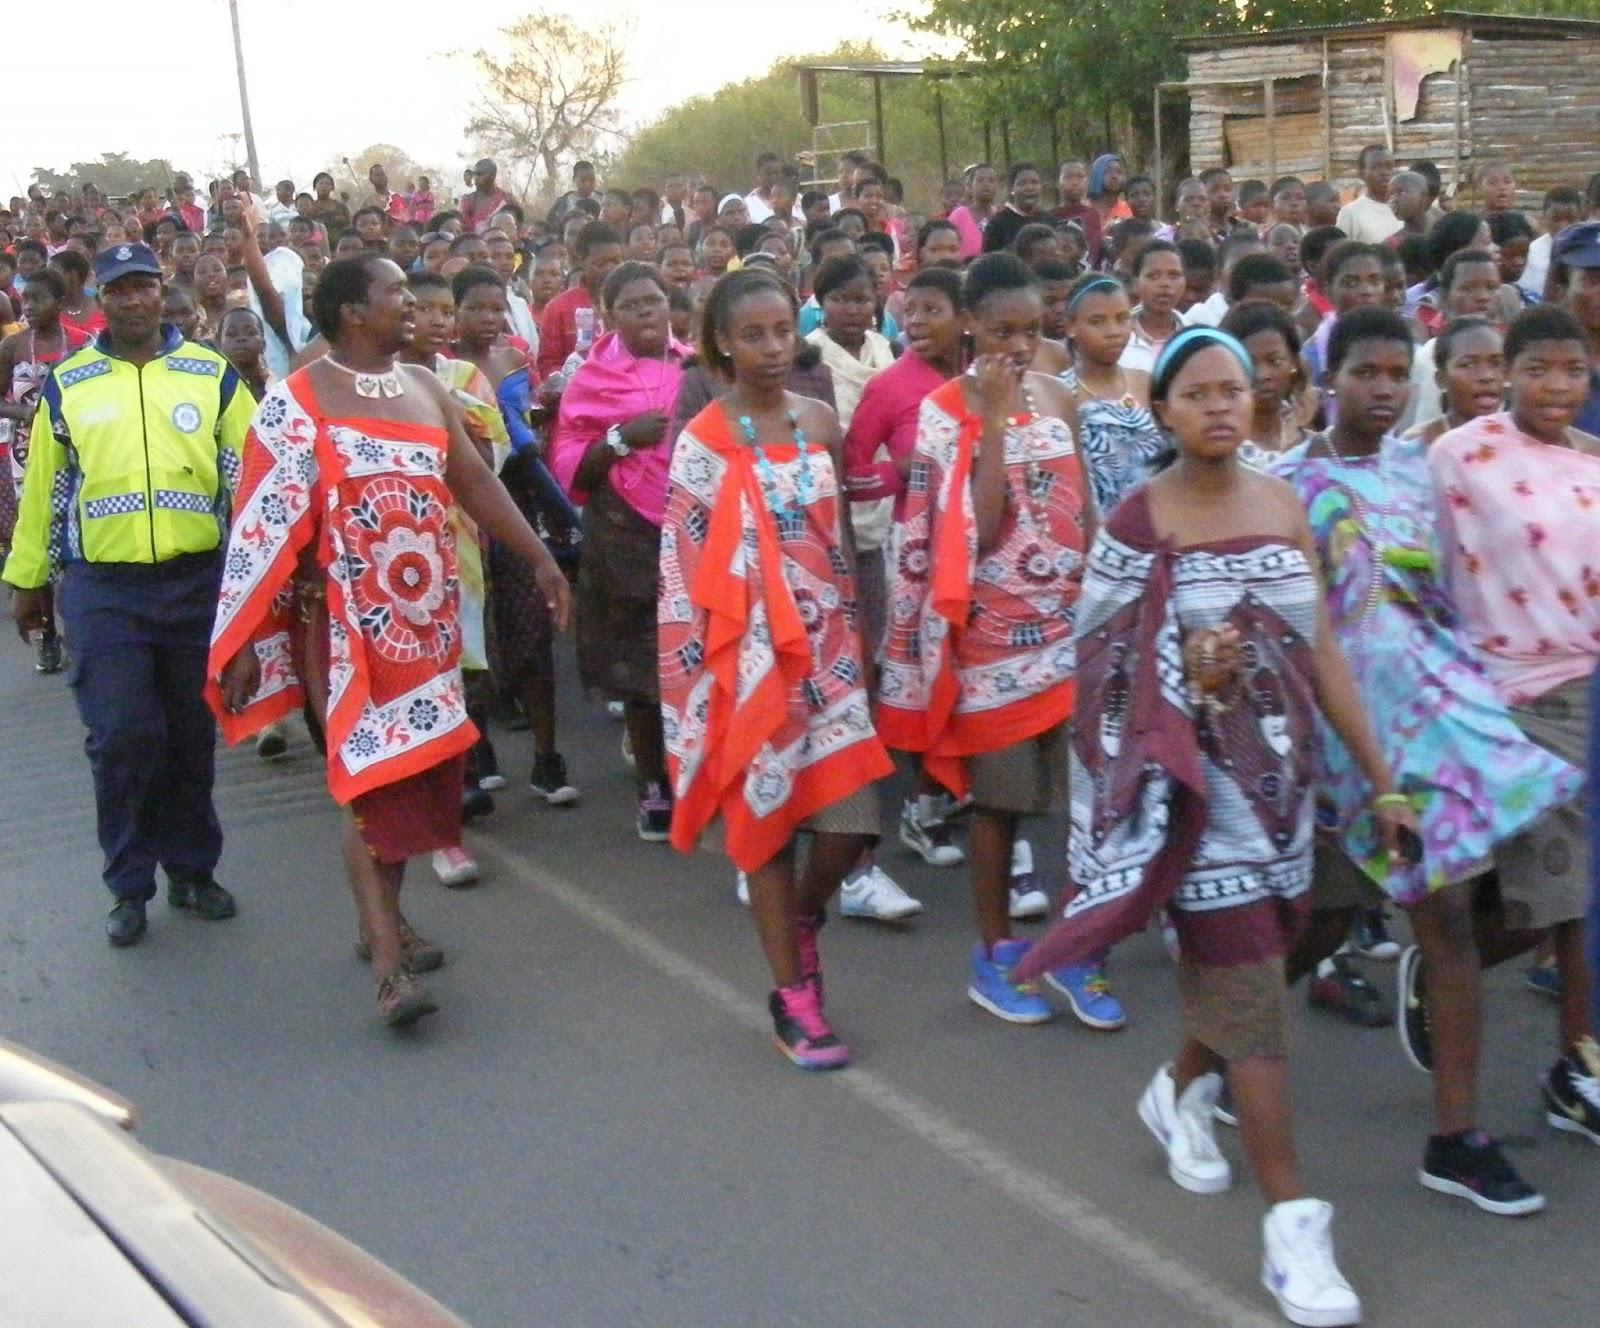 Linda@Us: The Reed Dance - Umhlanga